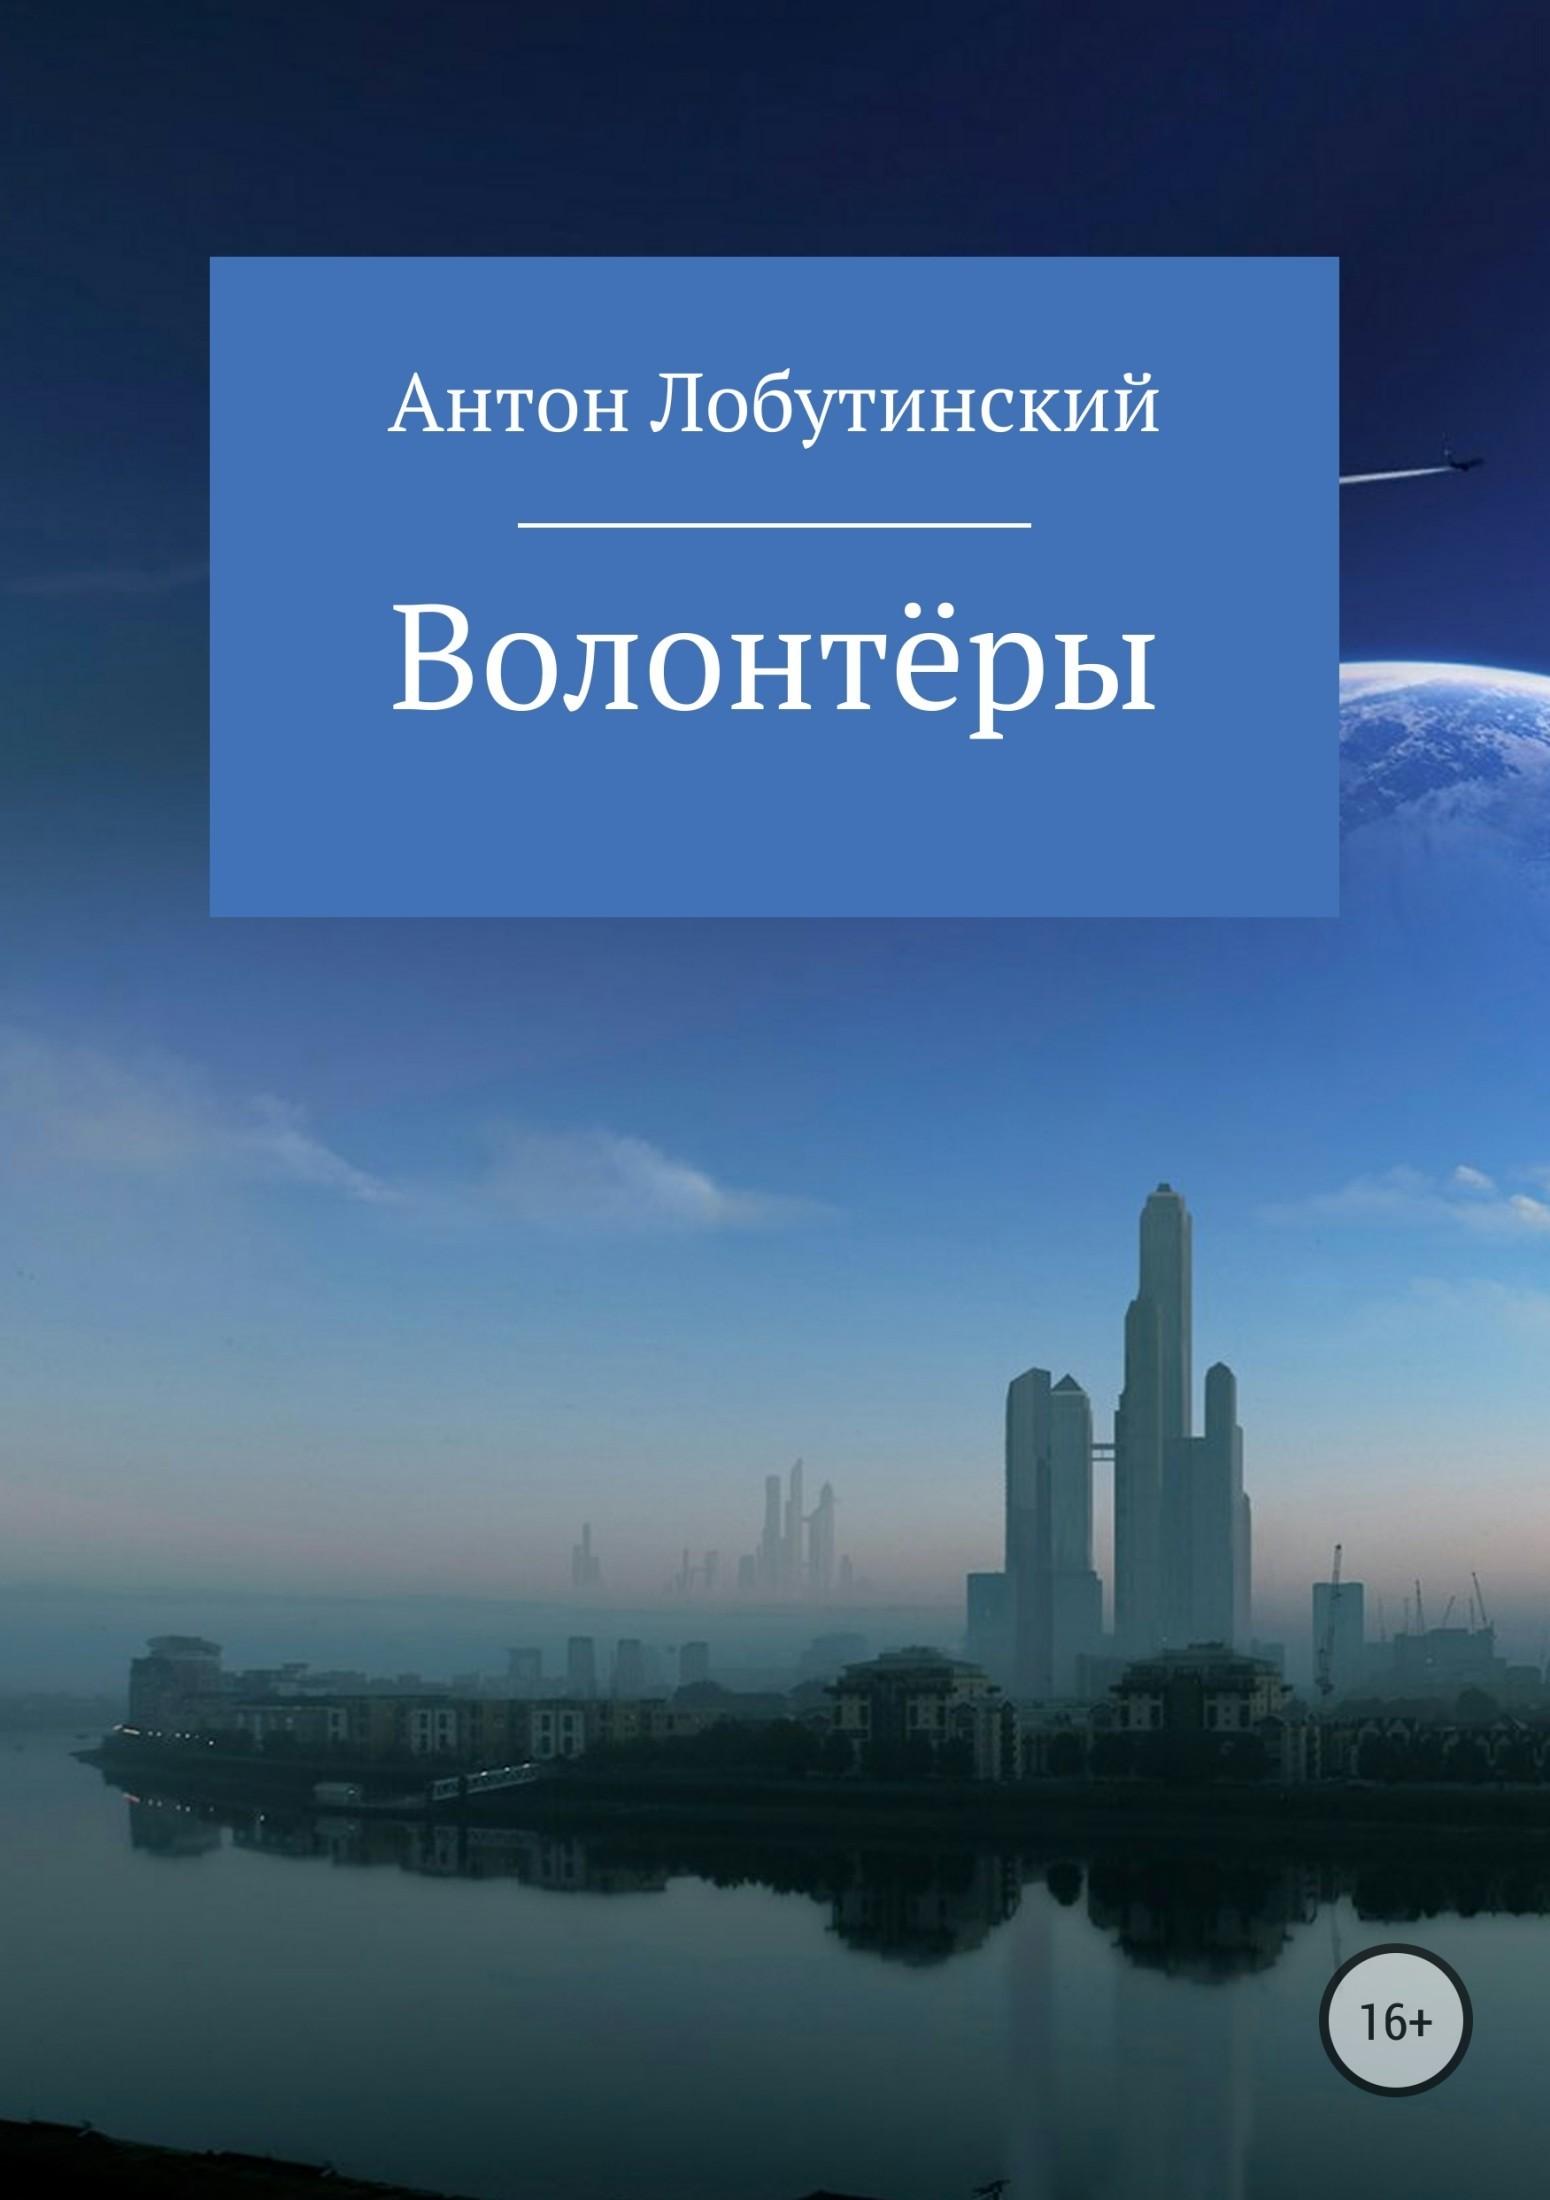 Антон Сергеевич Лобутинский бесплатно